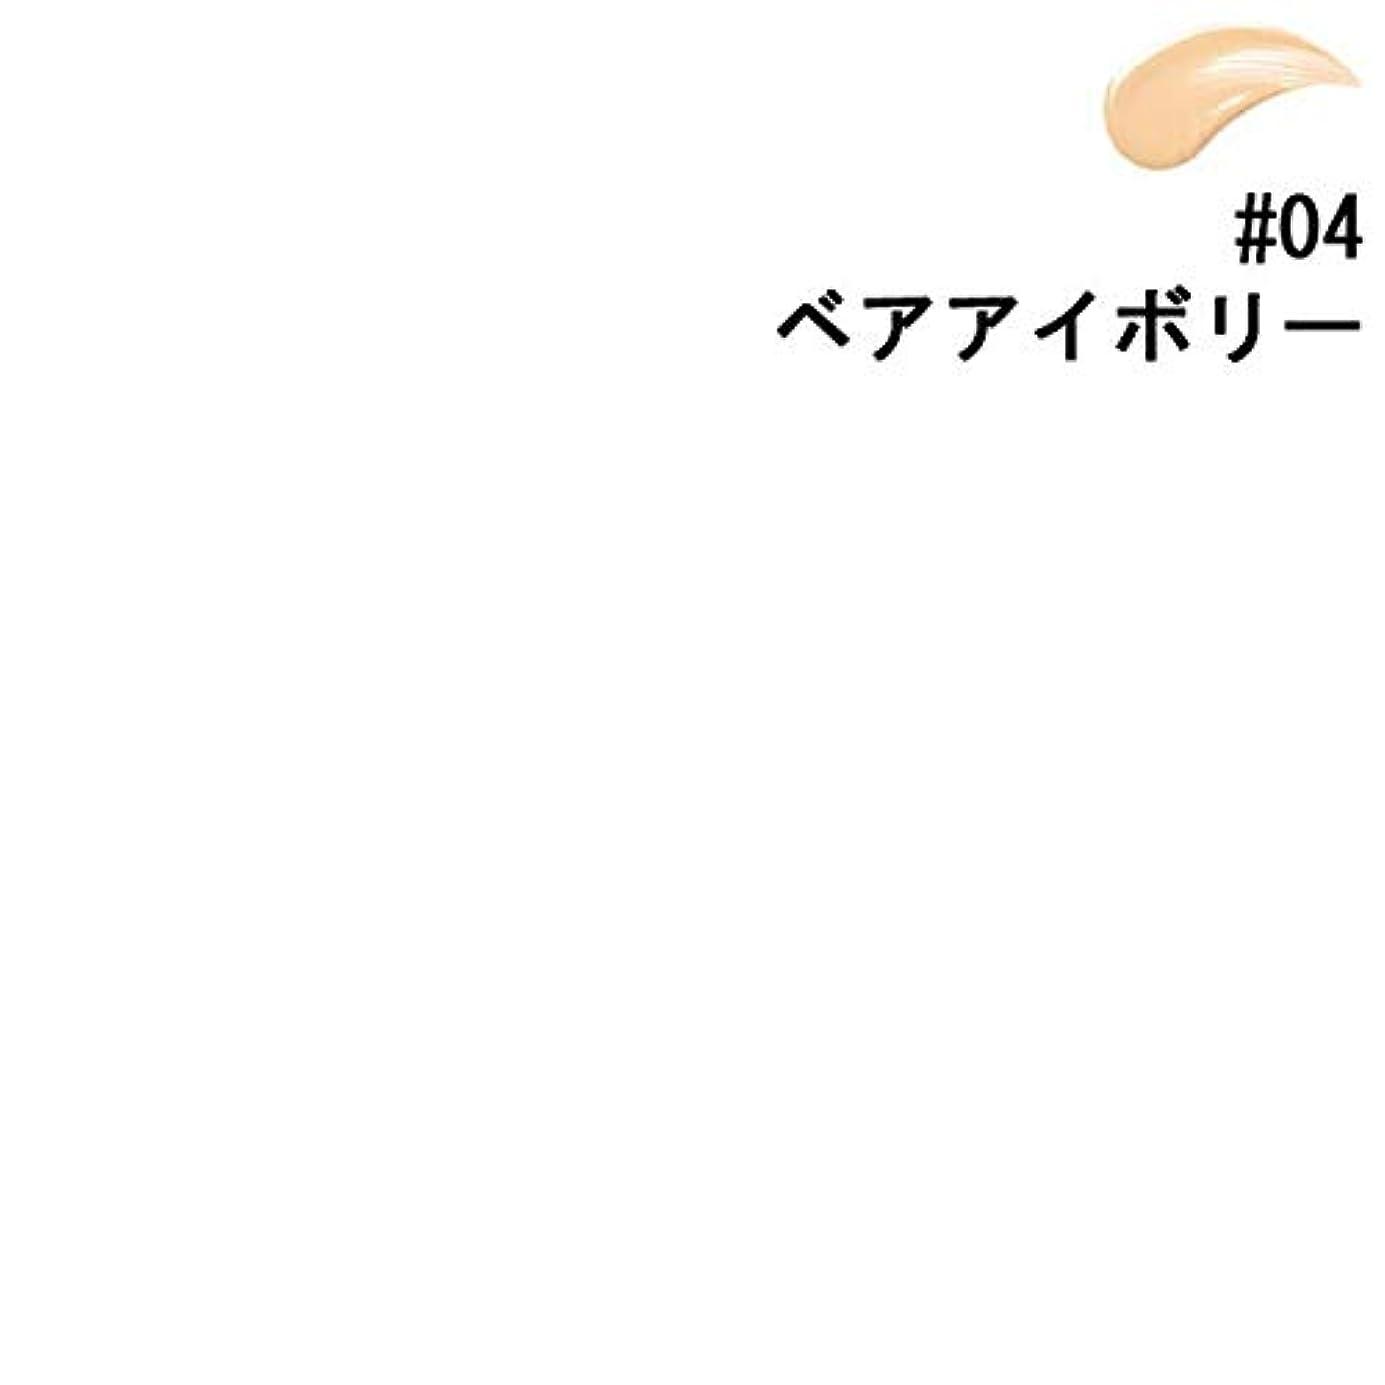 脱走コンデンサー高音【ベアミネラル】ベアミネラル ベア ファンデーション #04 ベアアイボリー 30ml [並行輸入品]